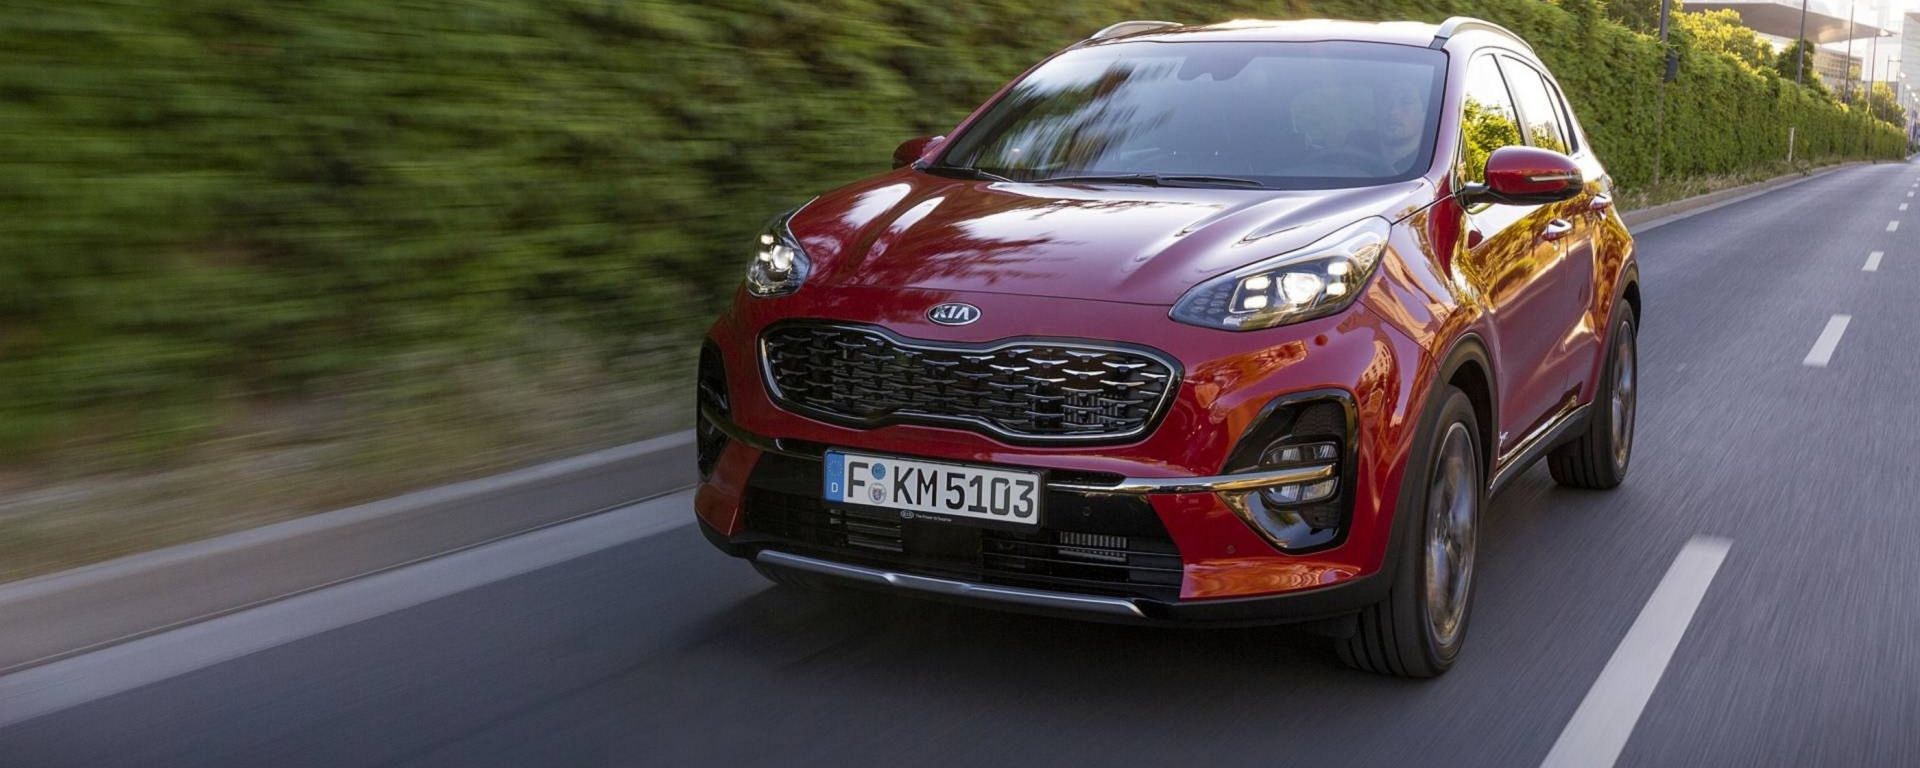 Kia Sportage 2018: la prova del Mild Hybrid